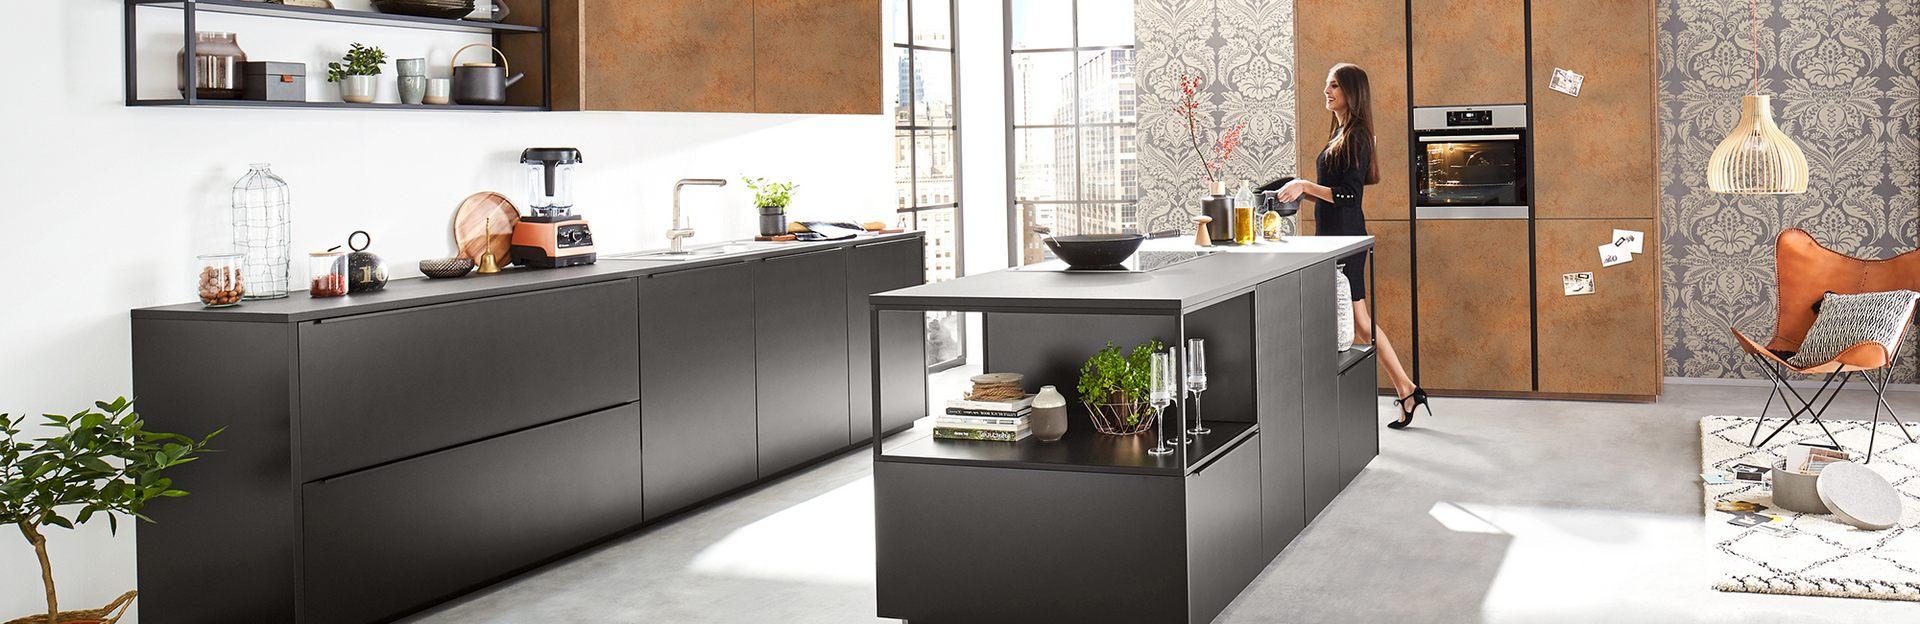 Full Size of Küche Nolte Oder Leicht Relingsystem Küche Nolte Küche Nolte Zement Spritzschutz Küche Nolte Küche Küche Nolte